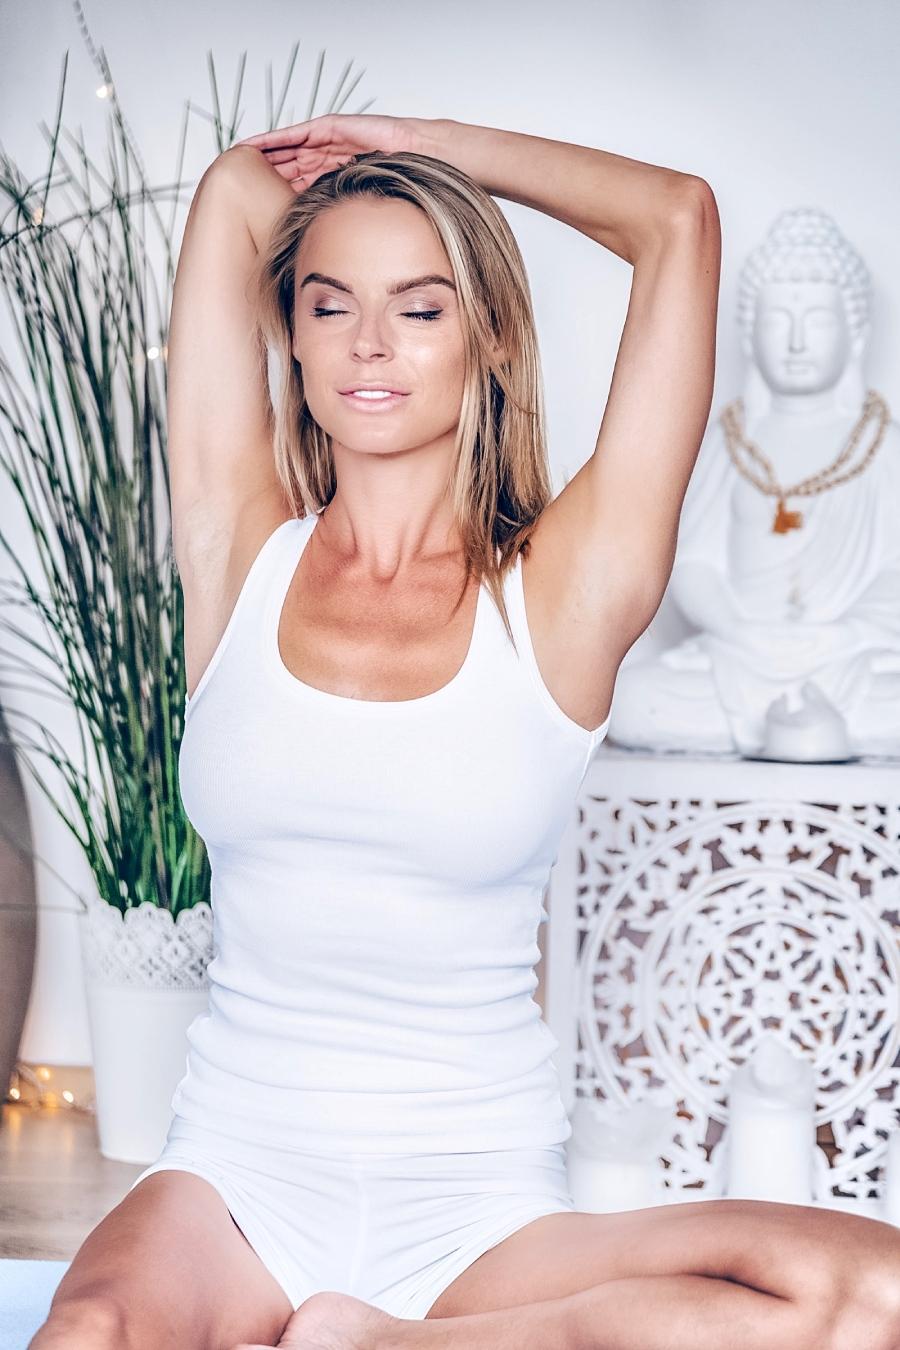 Об осознанности, призвании и фэт-феминизме: Виктория Лобас и ее жизнь в стиле йоги